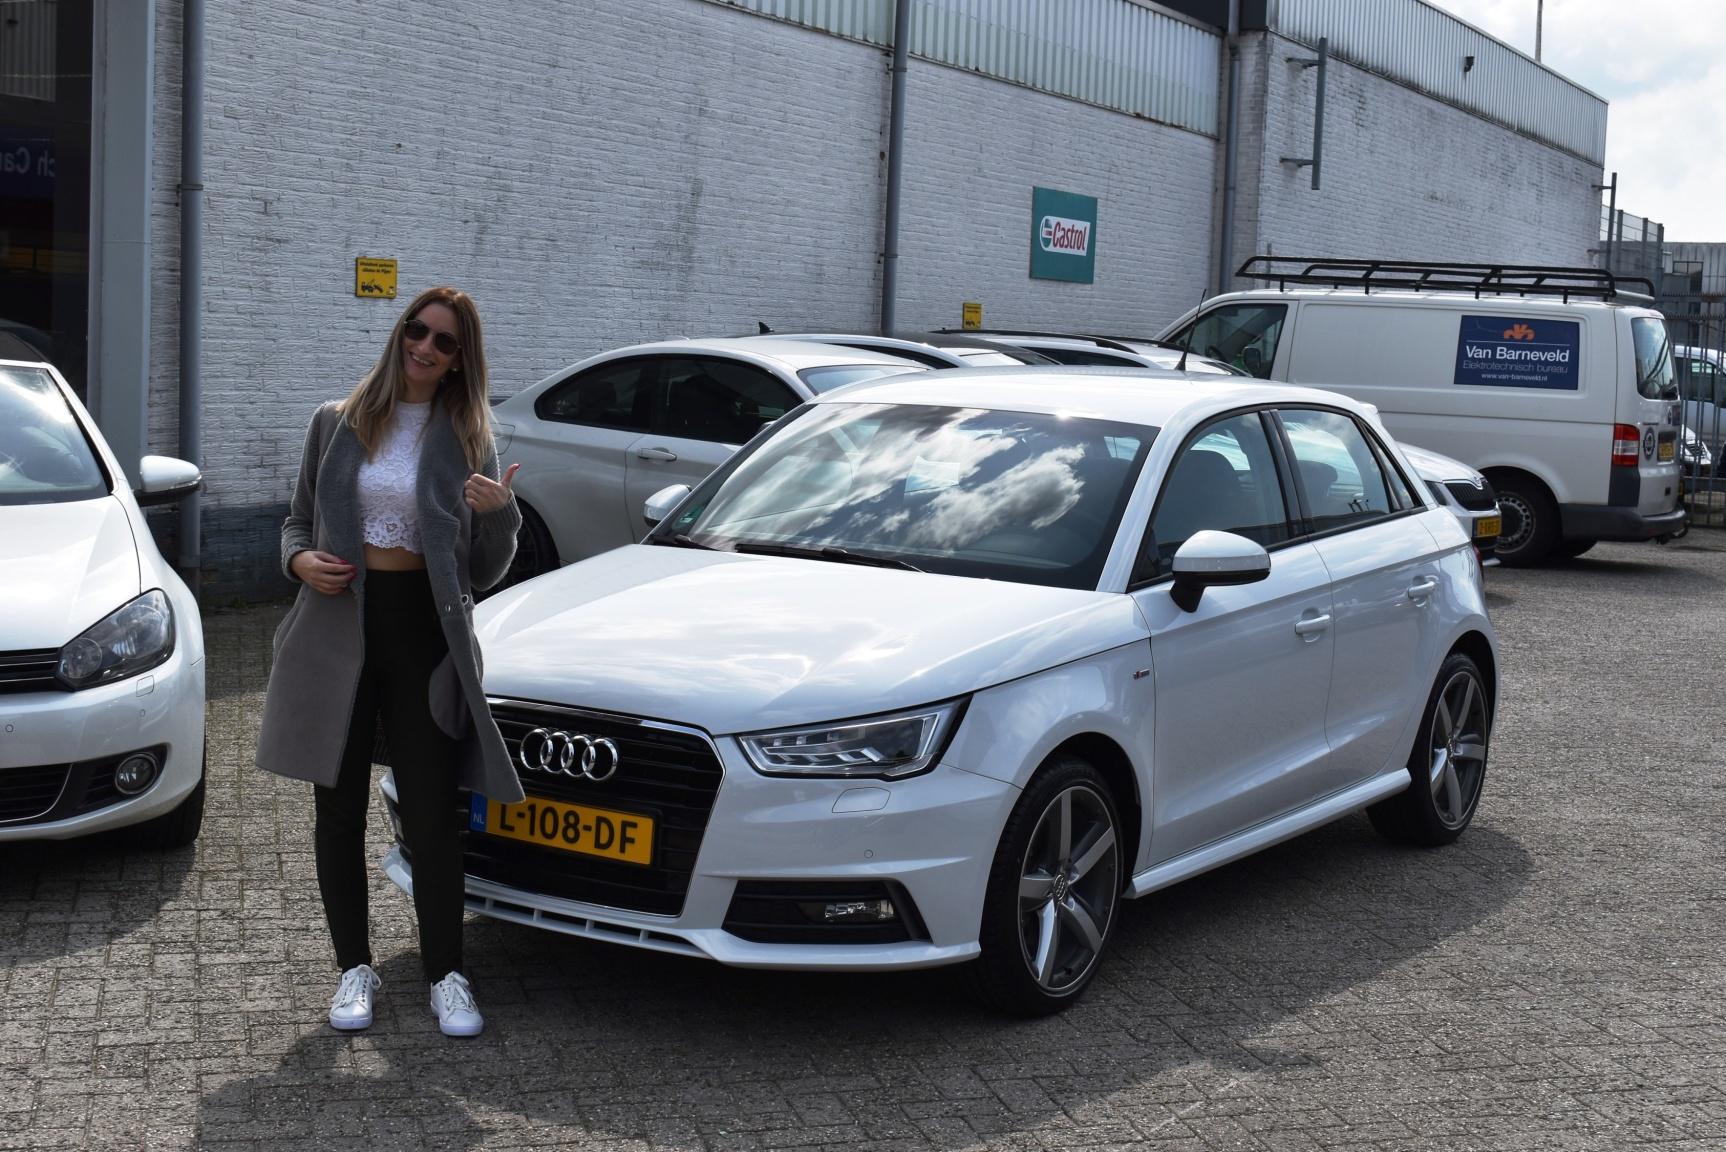 Aflevering Audi A1-2021-08-25 06:23:02